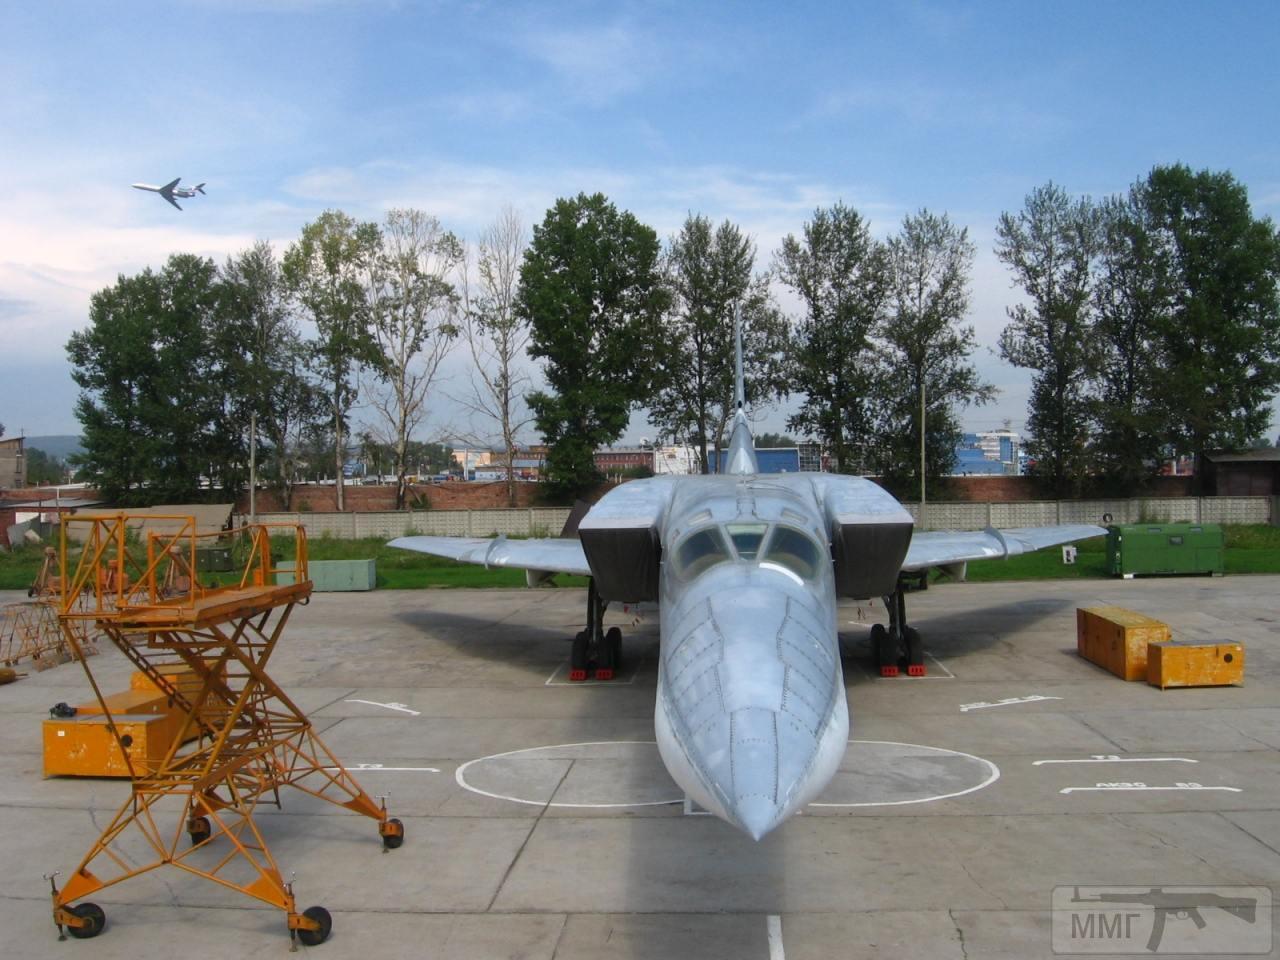 30858 - Красивые фото и видео боевых самолетов и вертолетов